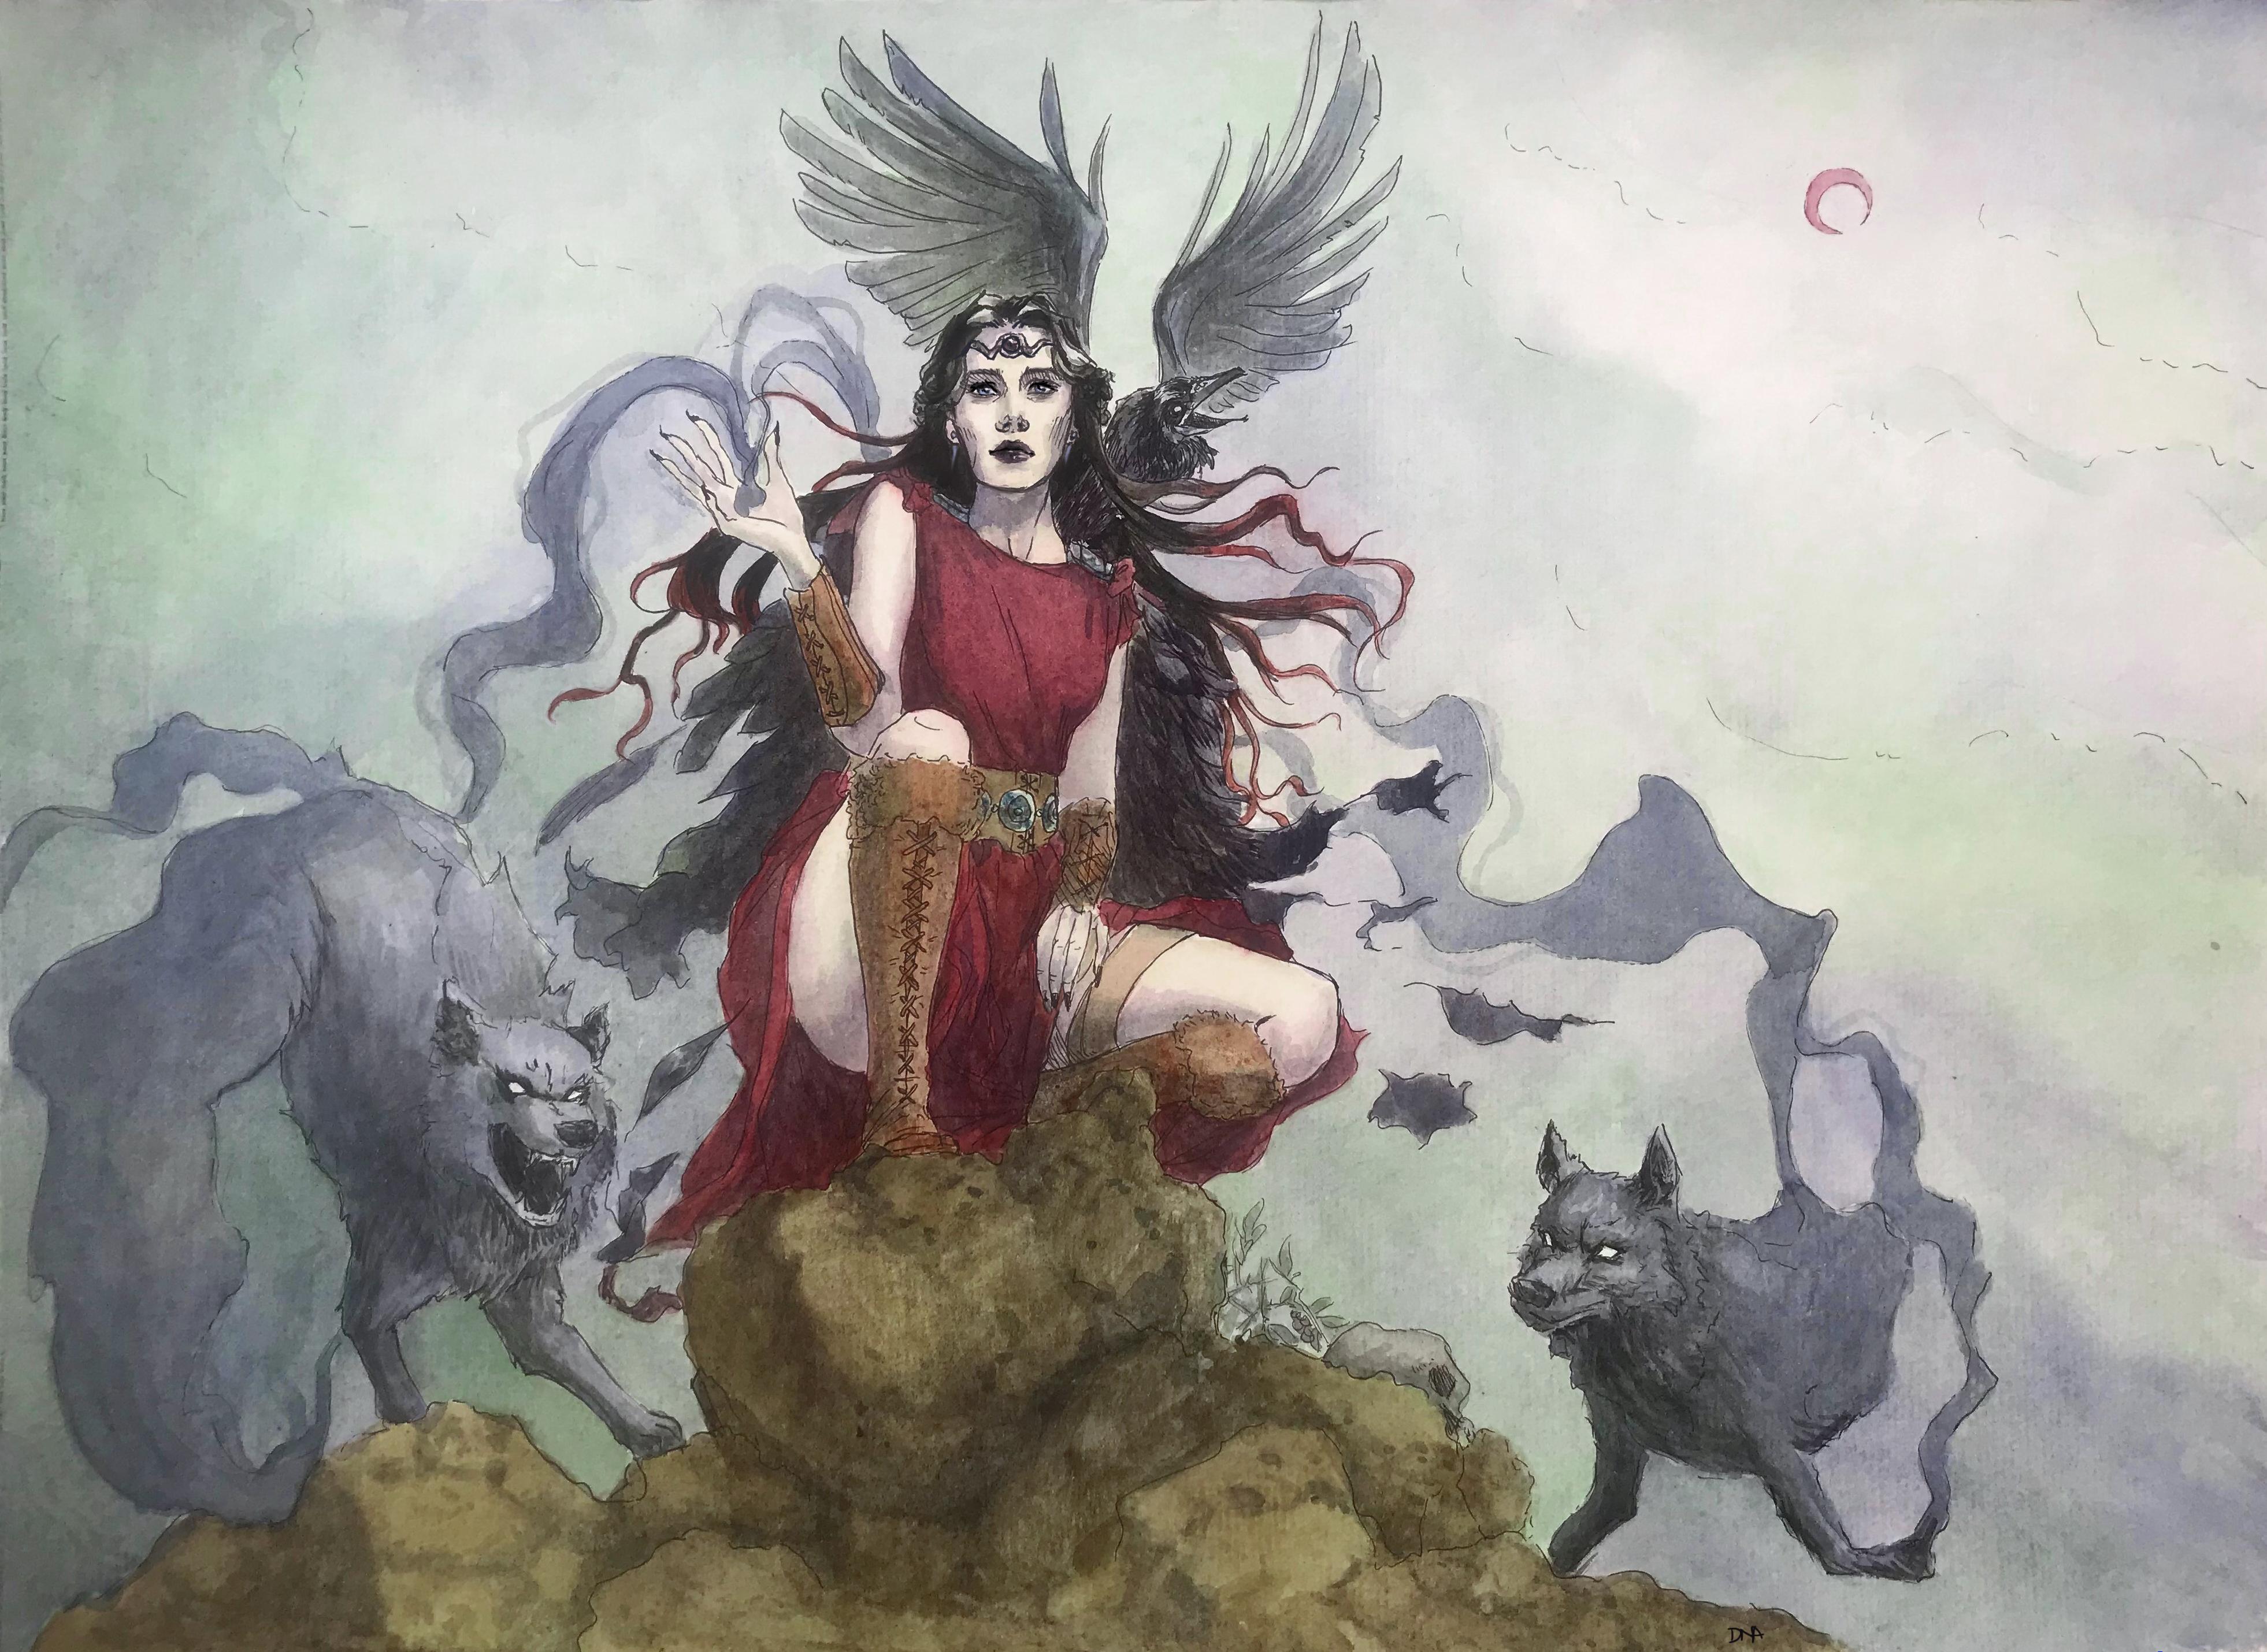 The Morrigan - Celtic Goddess